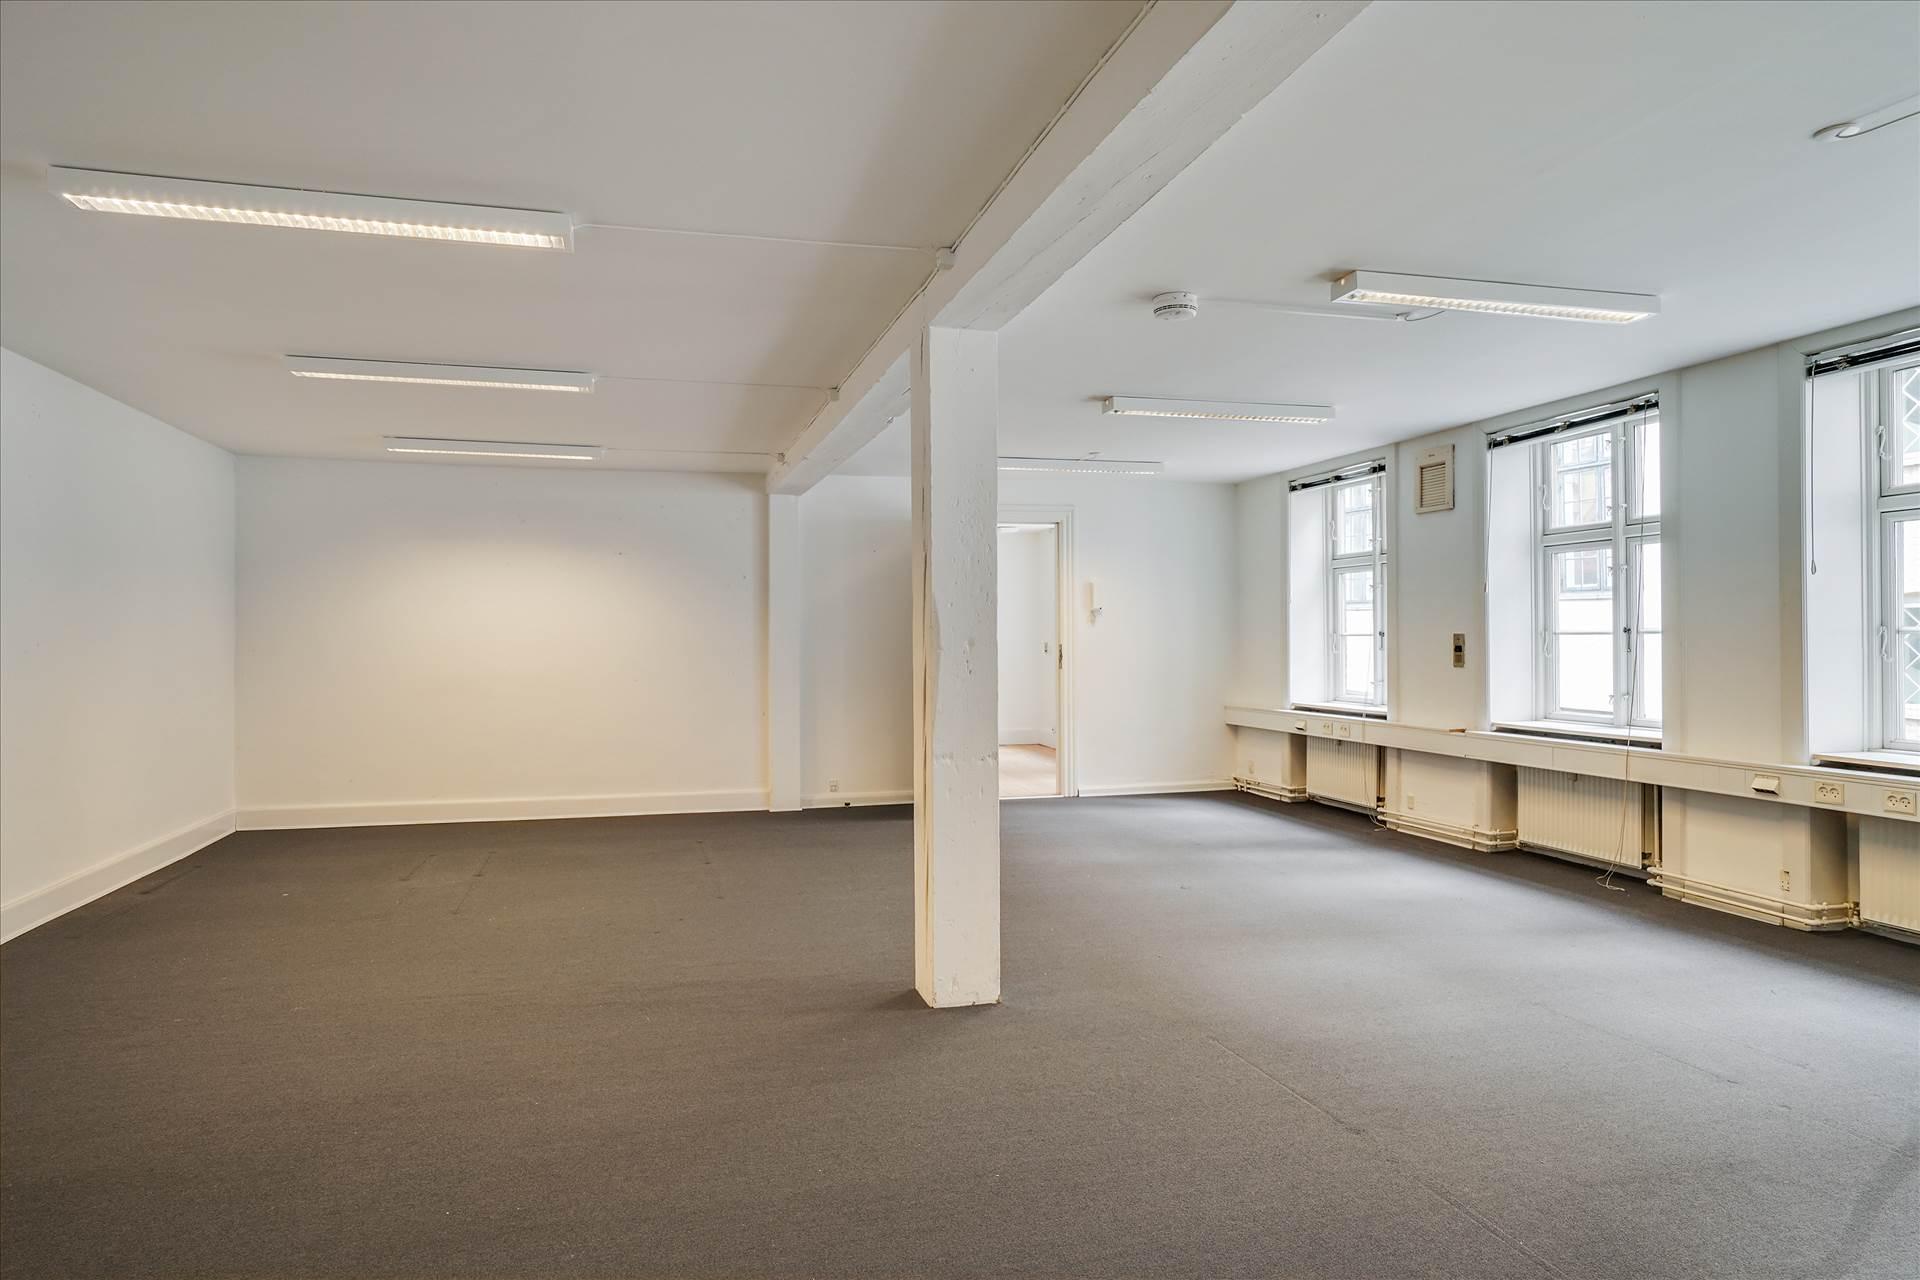 288 m² kontor • storrum • København